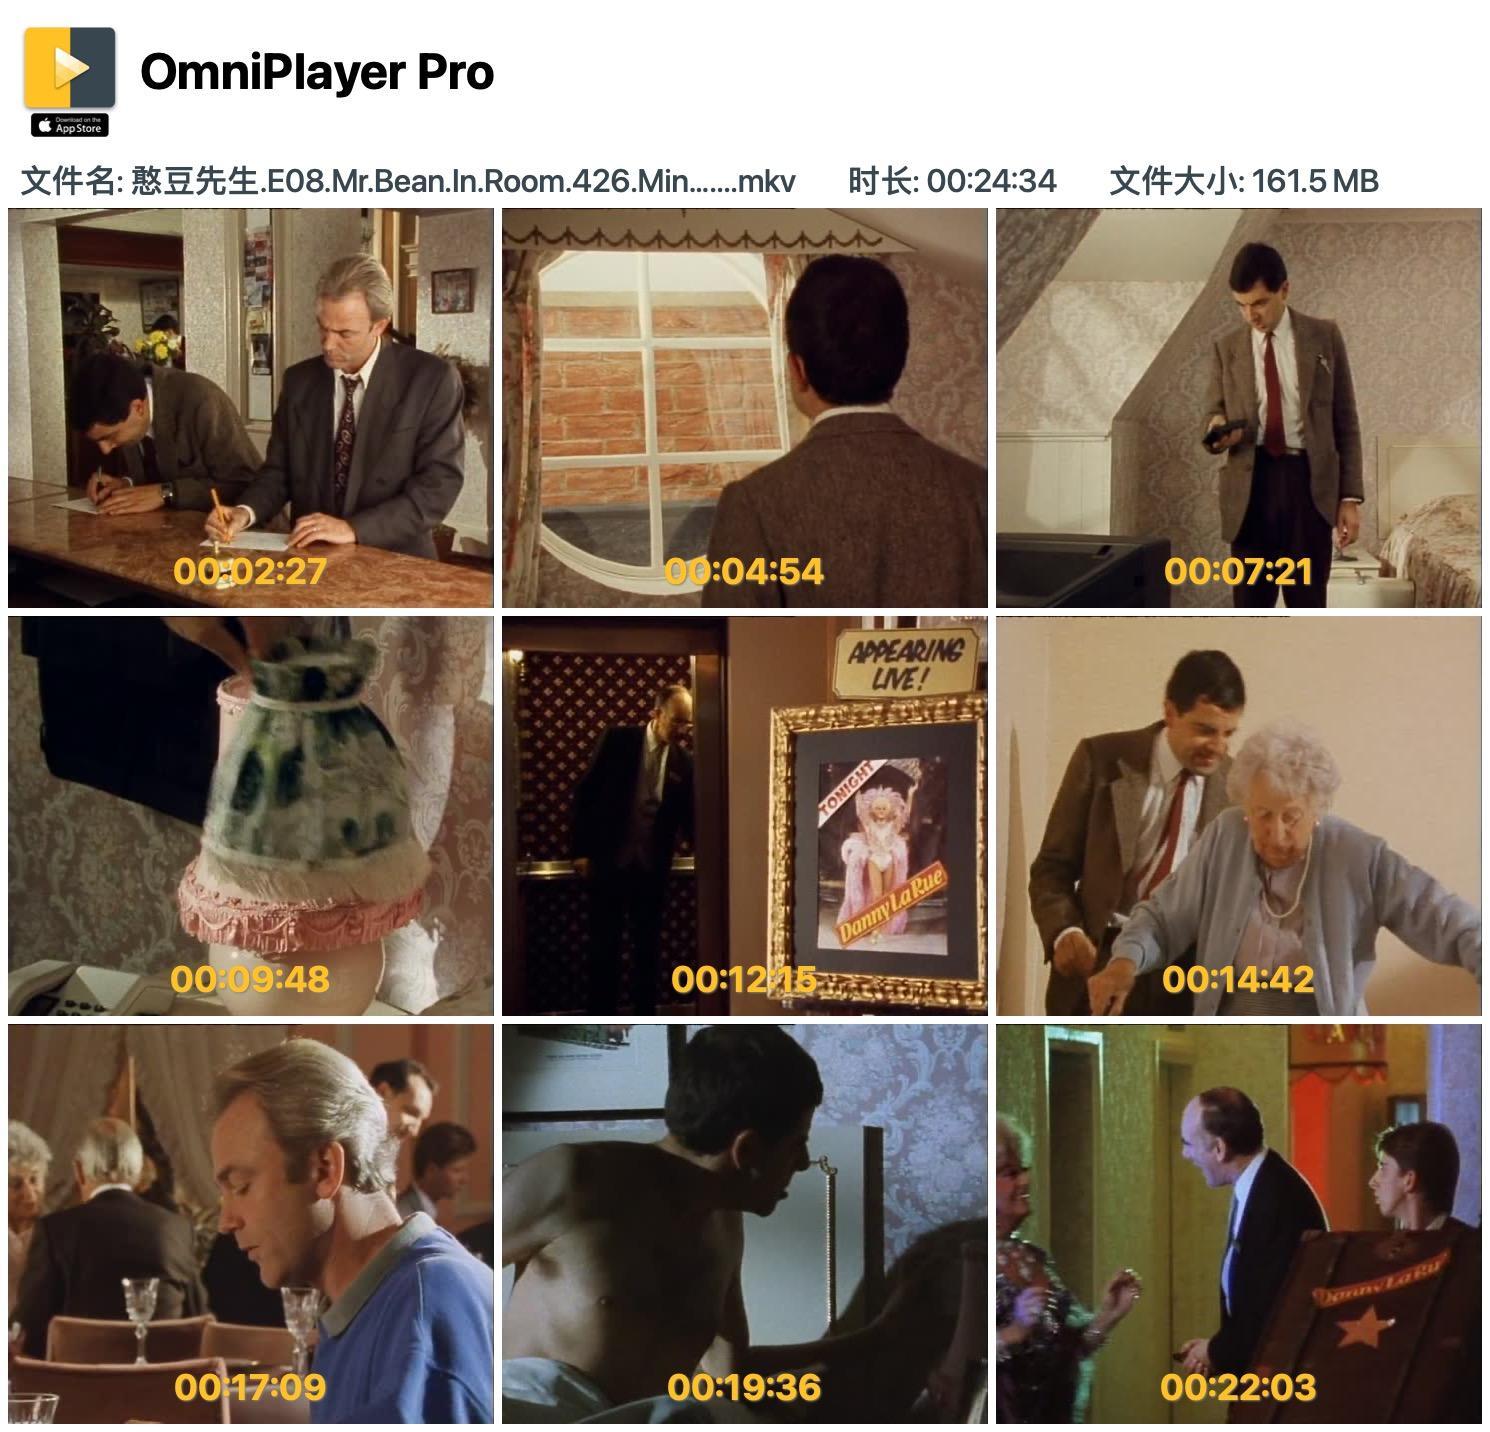 憨豆先生系列短篇合集的图片-高老四博客